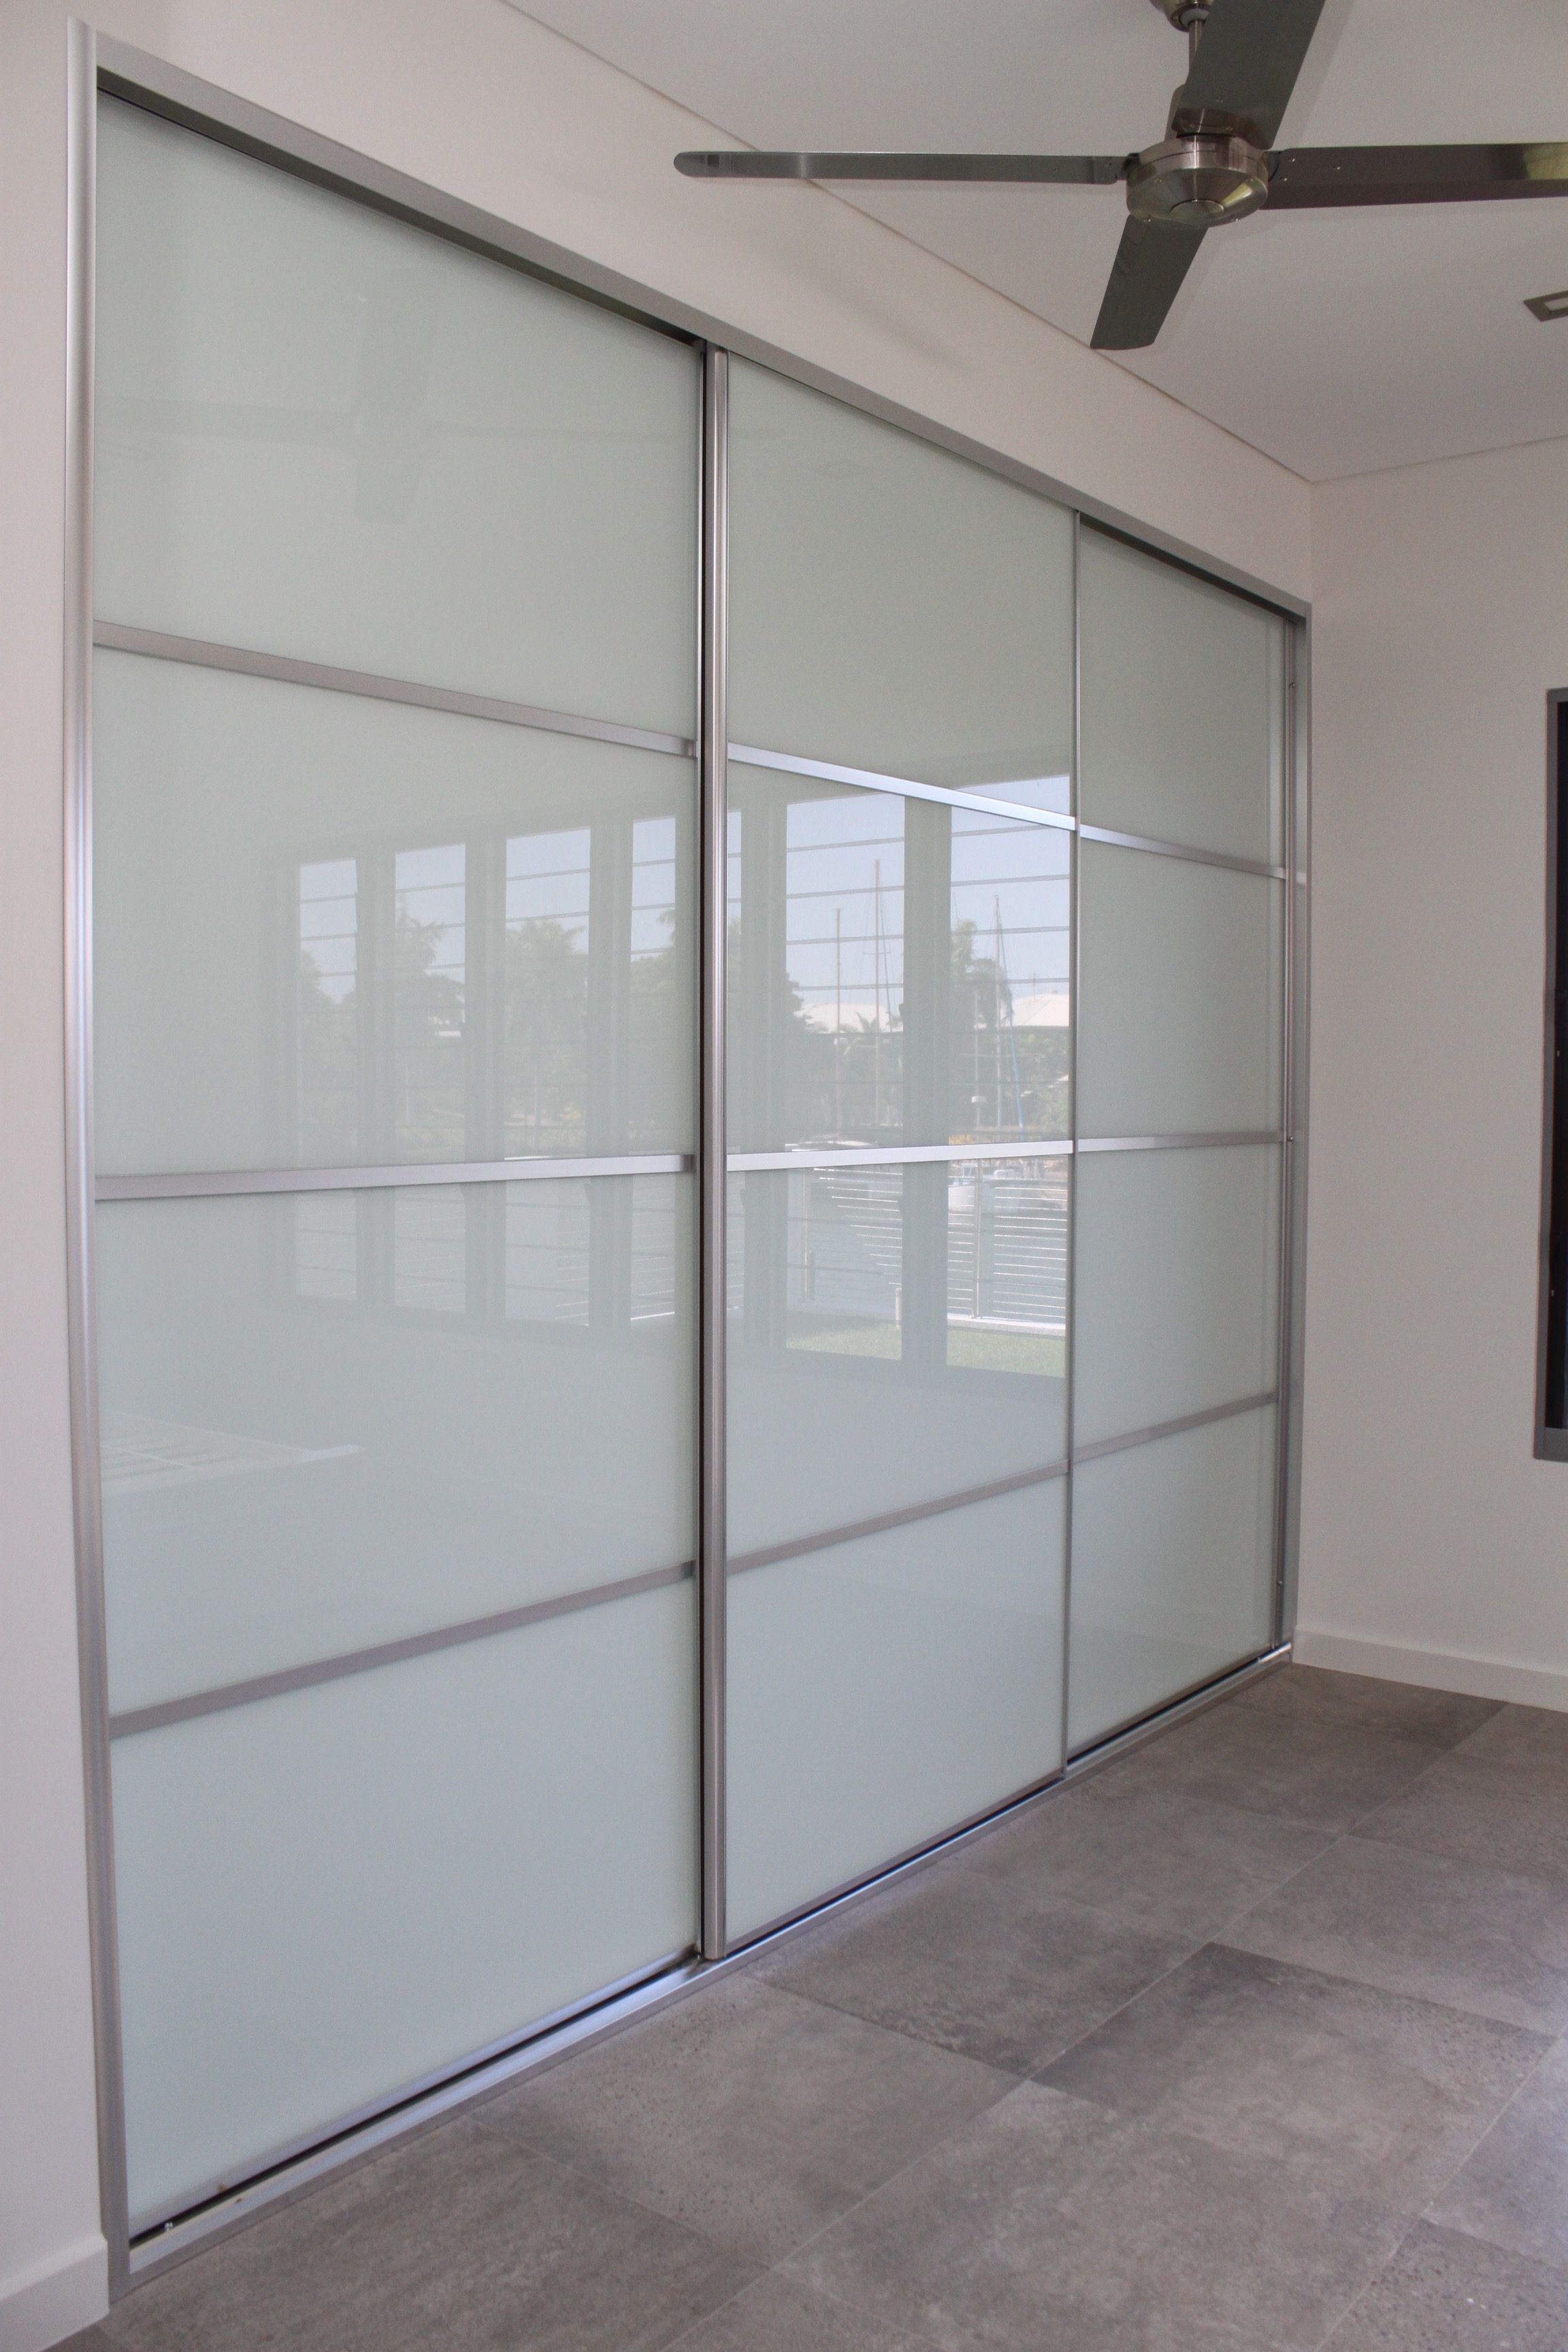 Four Panel Sliding Doors Using White Glass Bright Silver Frames